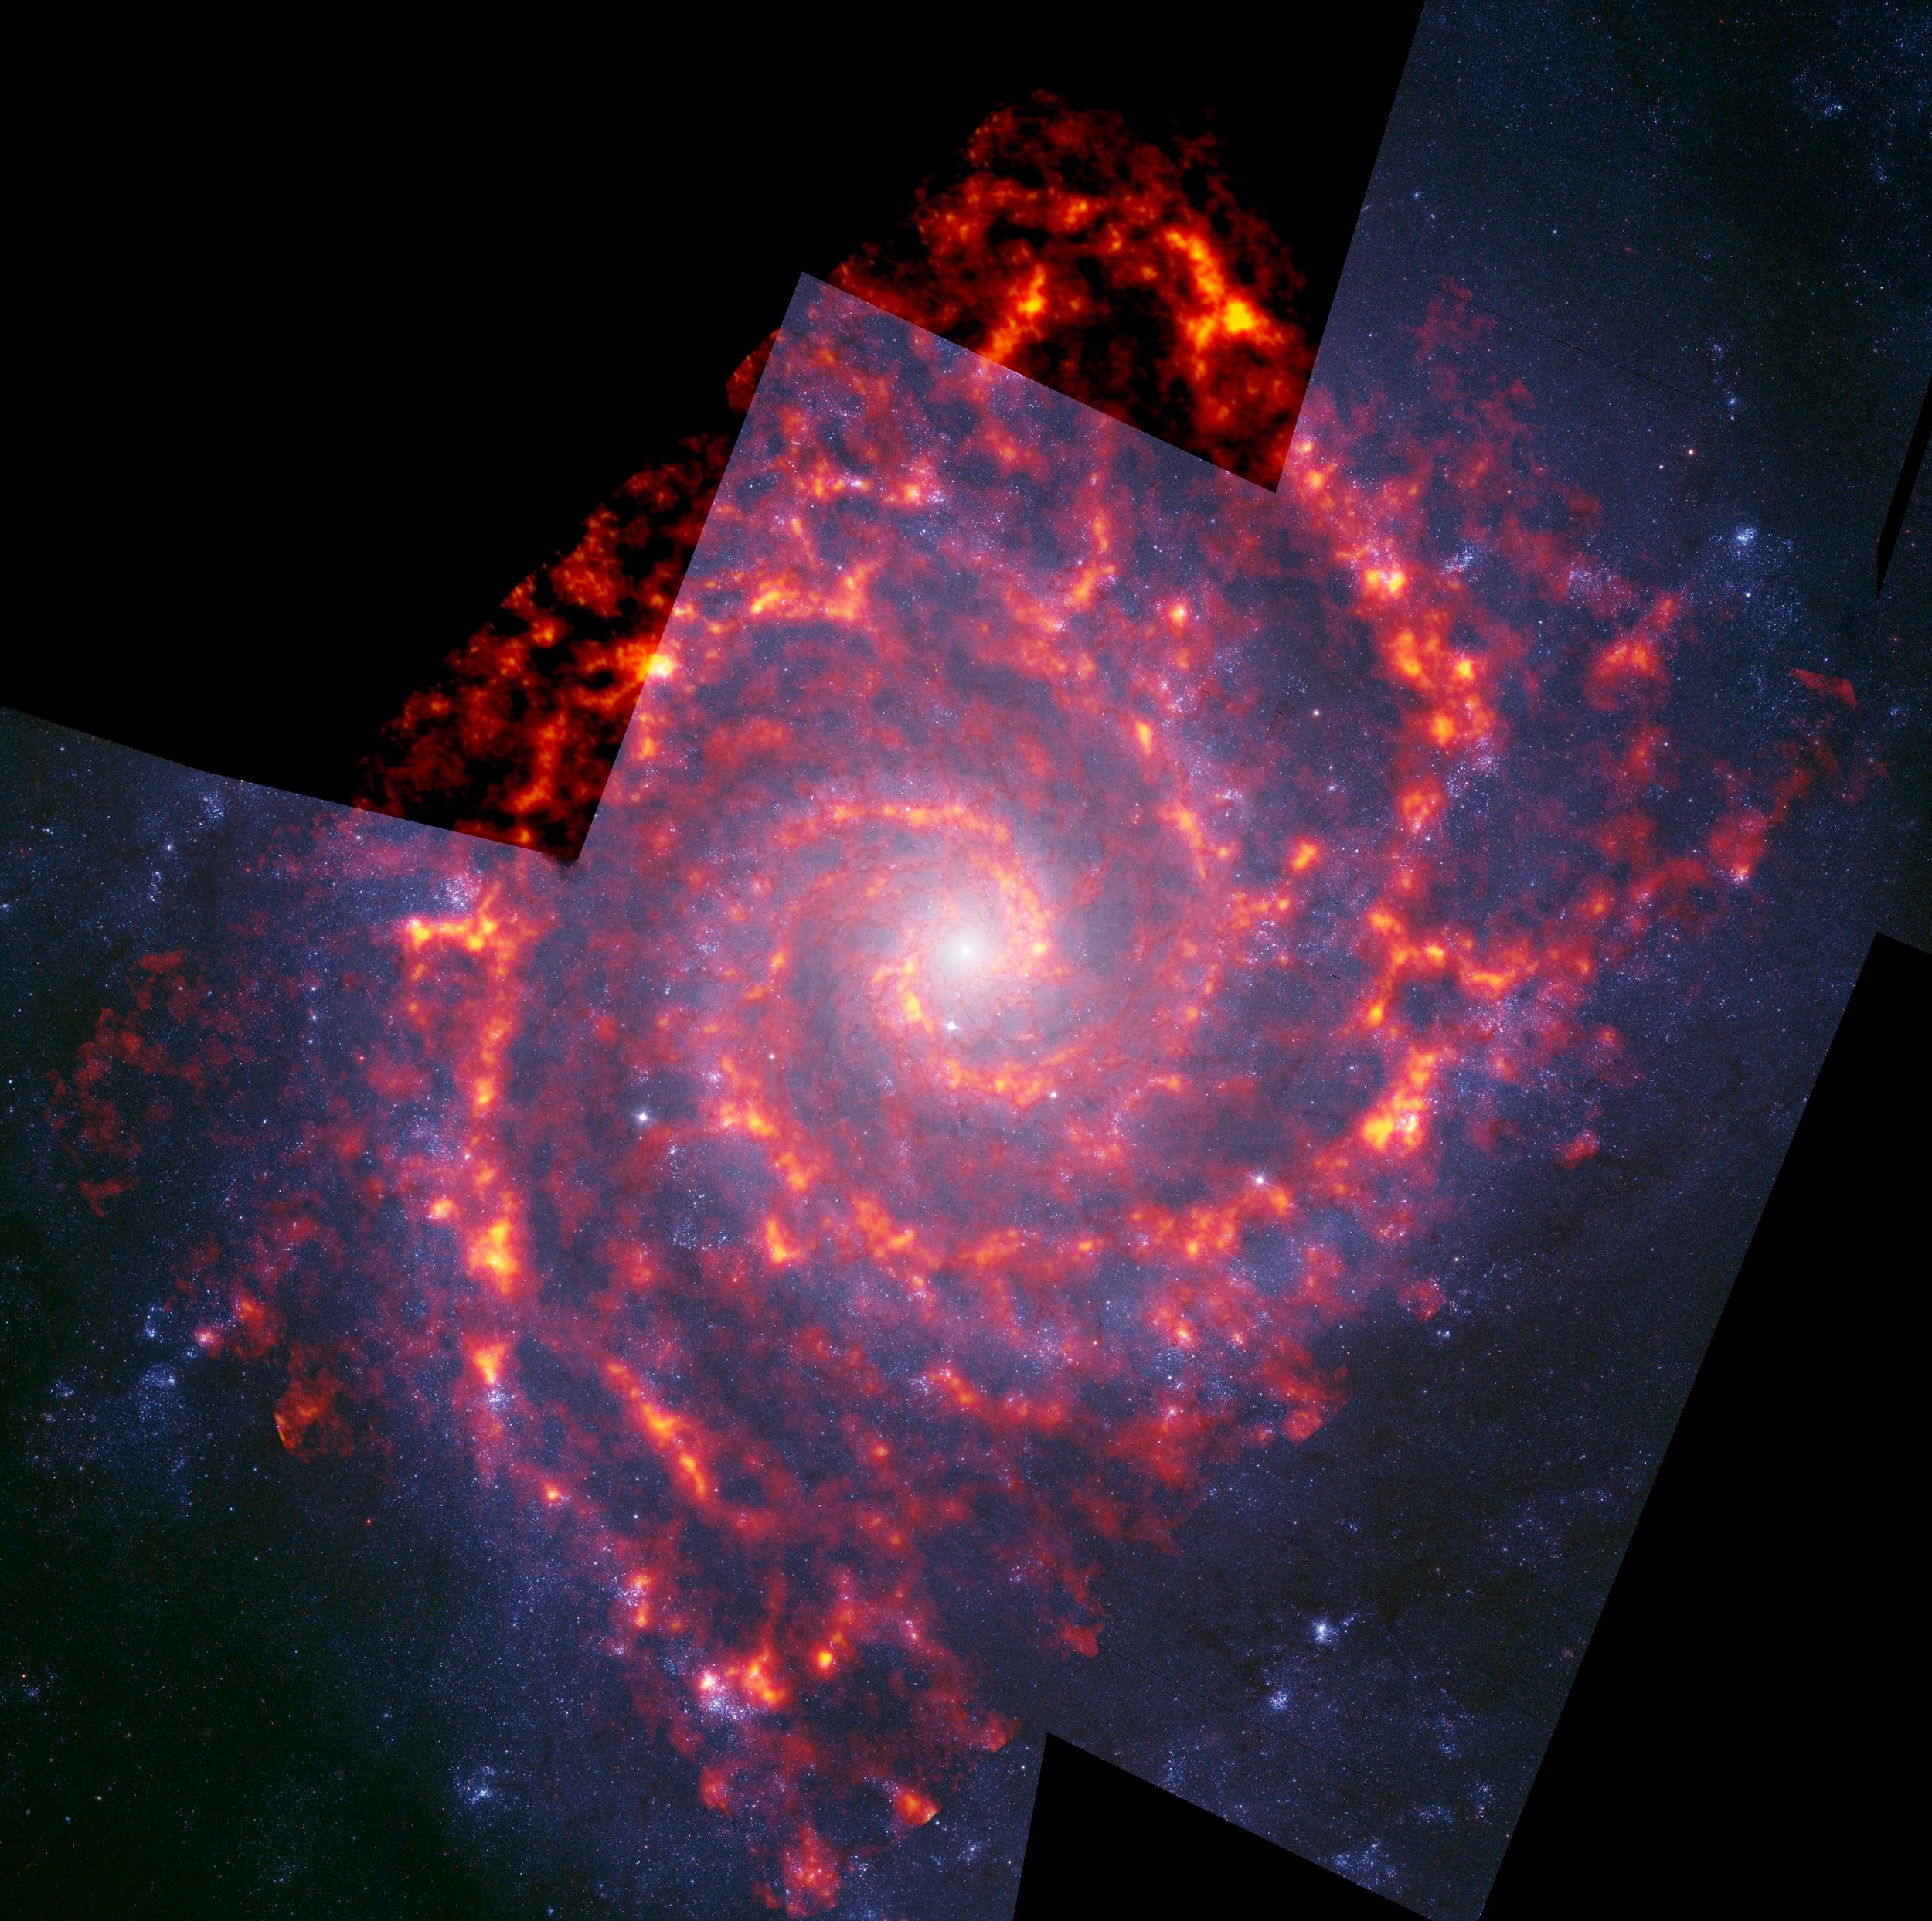 NGC 0628